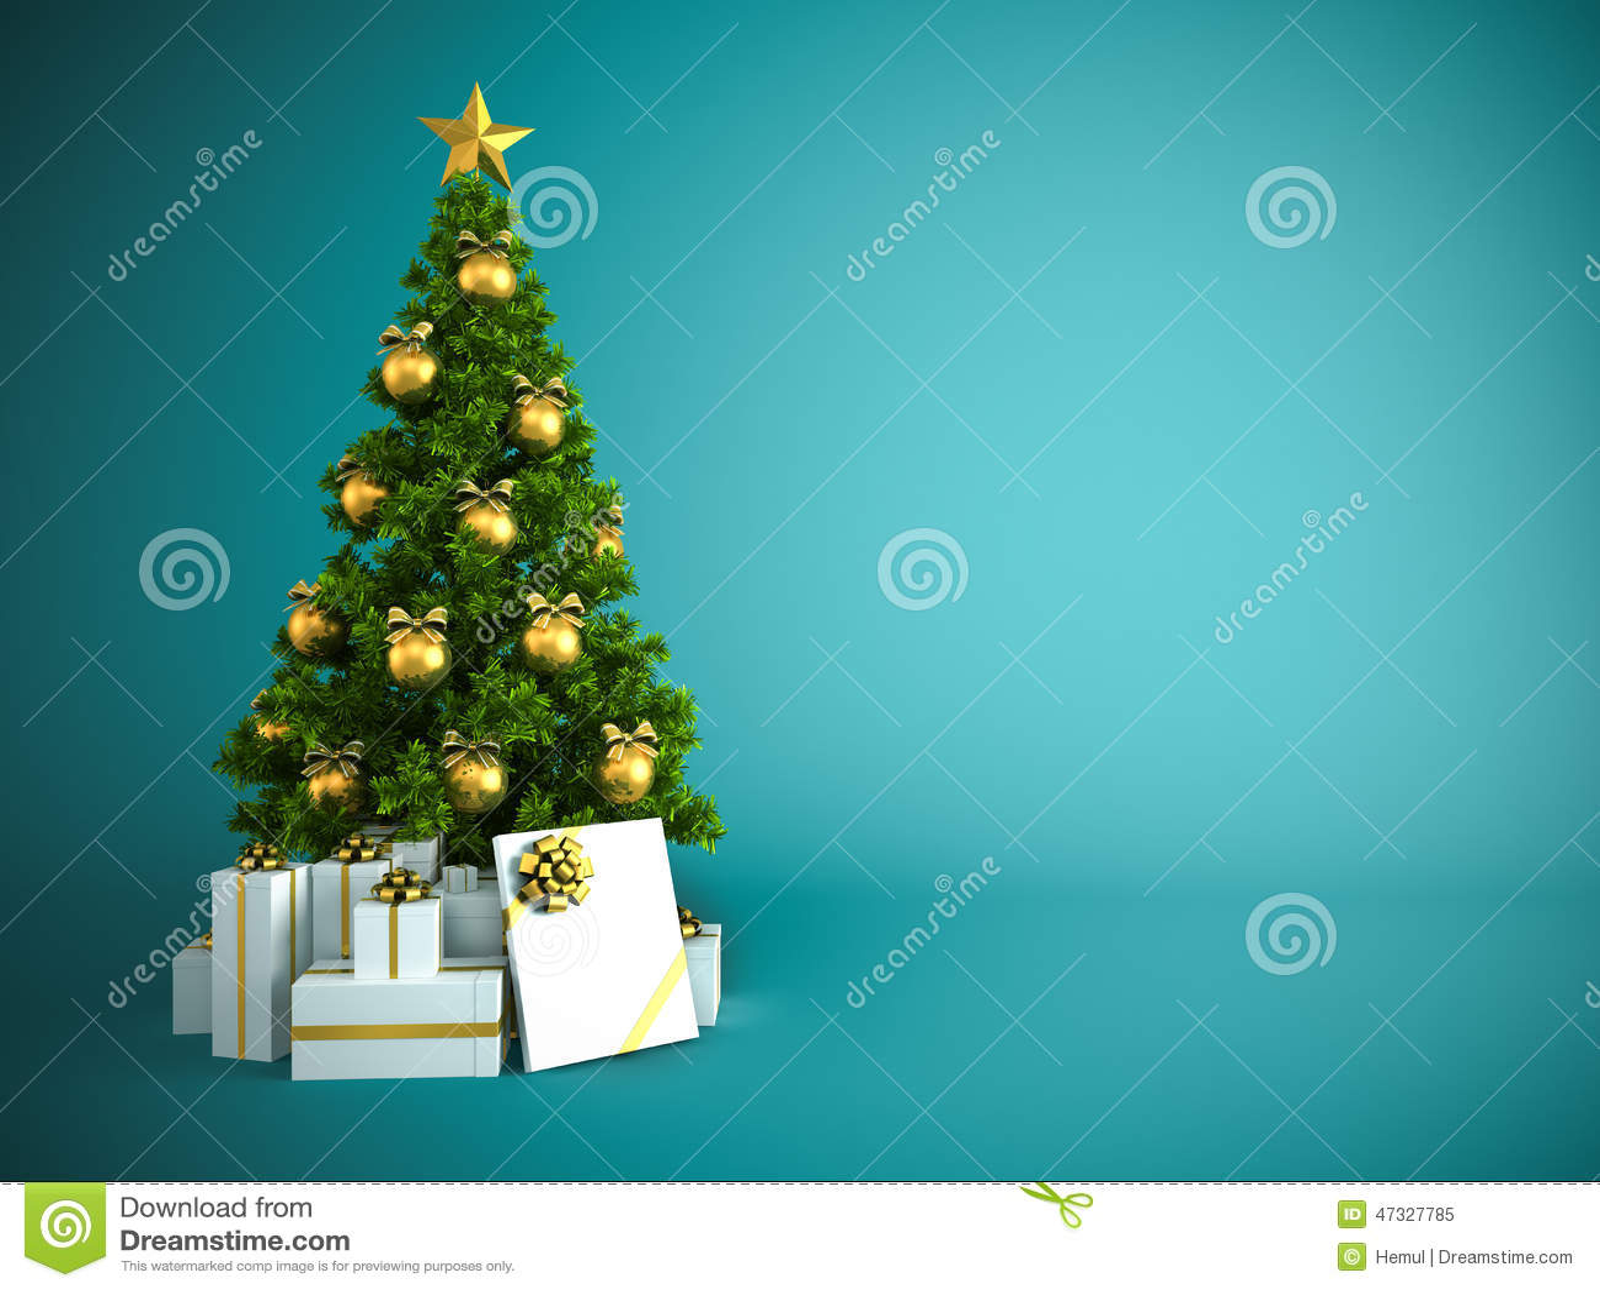 Albero Di Natale Con Decorazioni Blu : Albero di natale con la decorazione dell oro su fondo blu